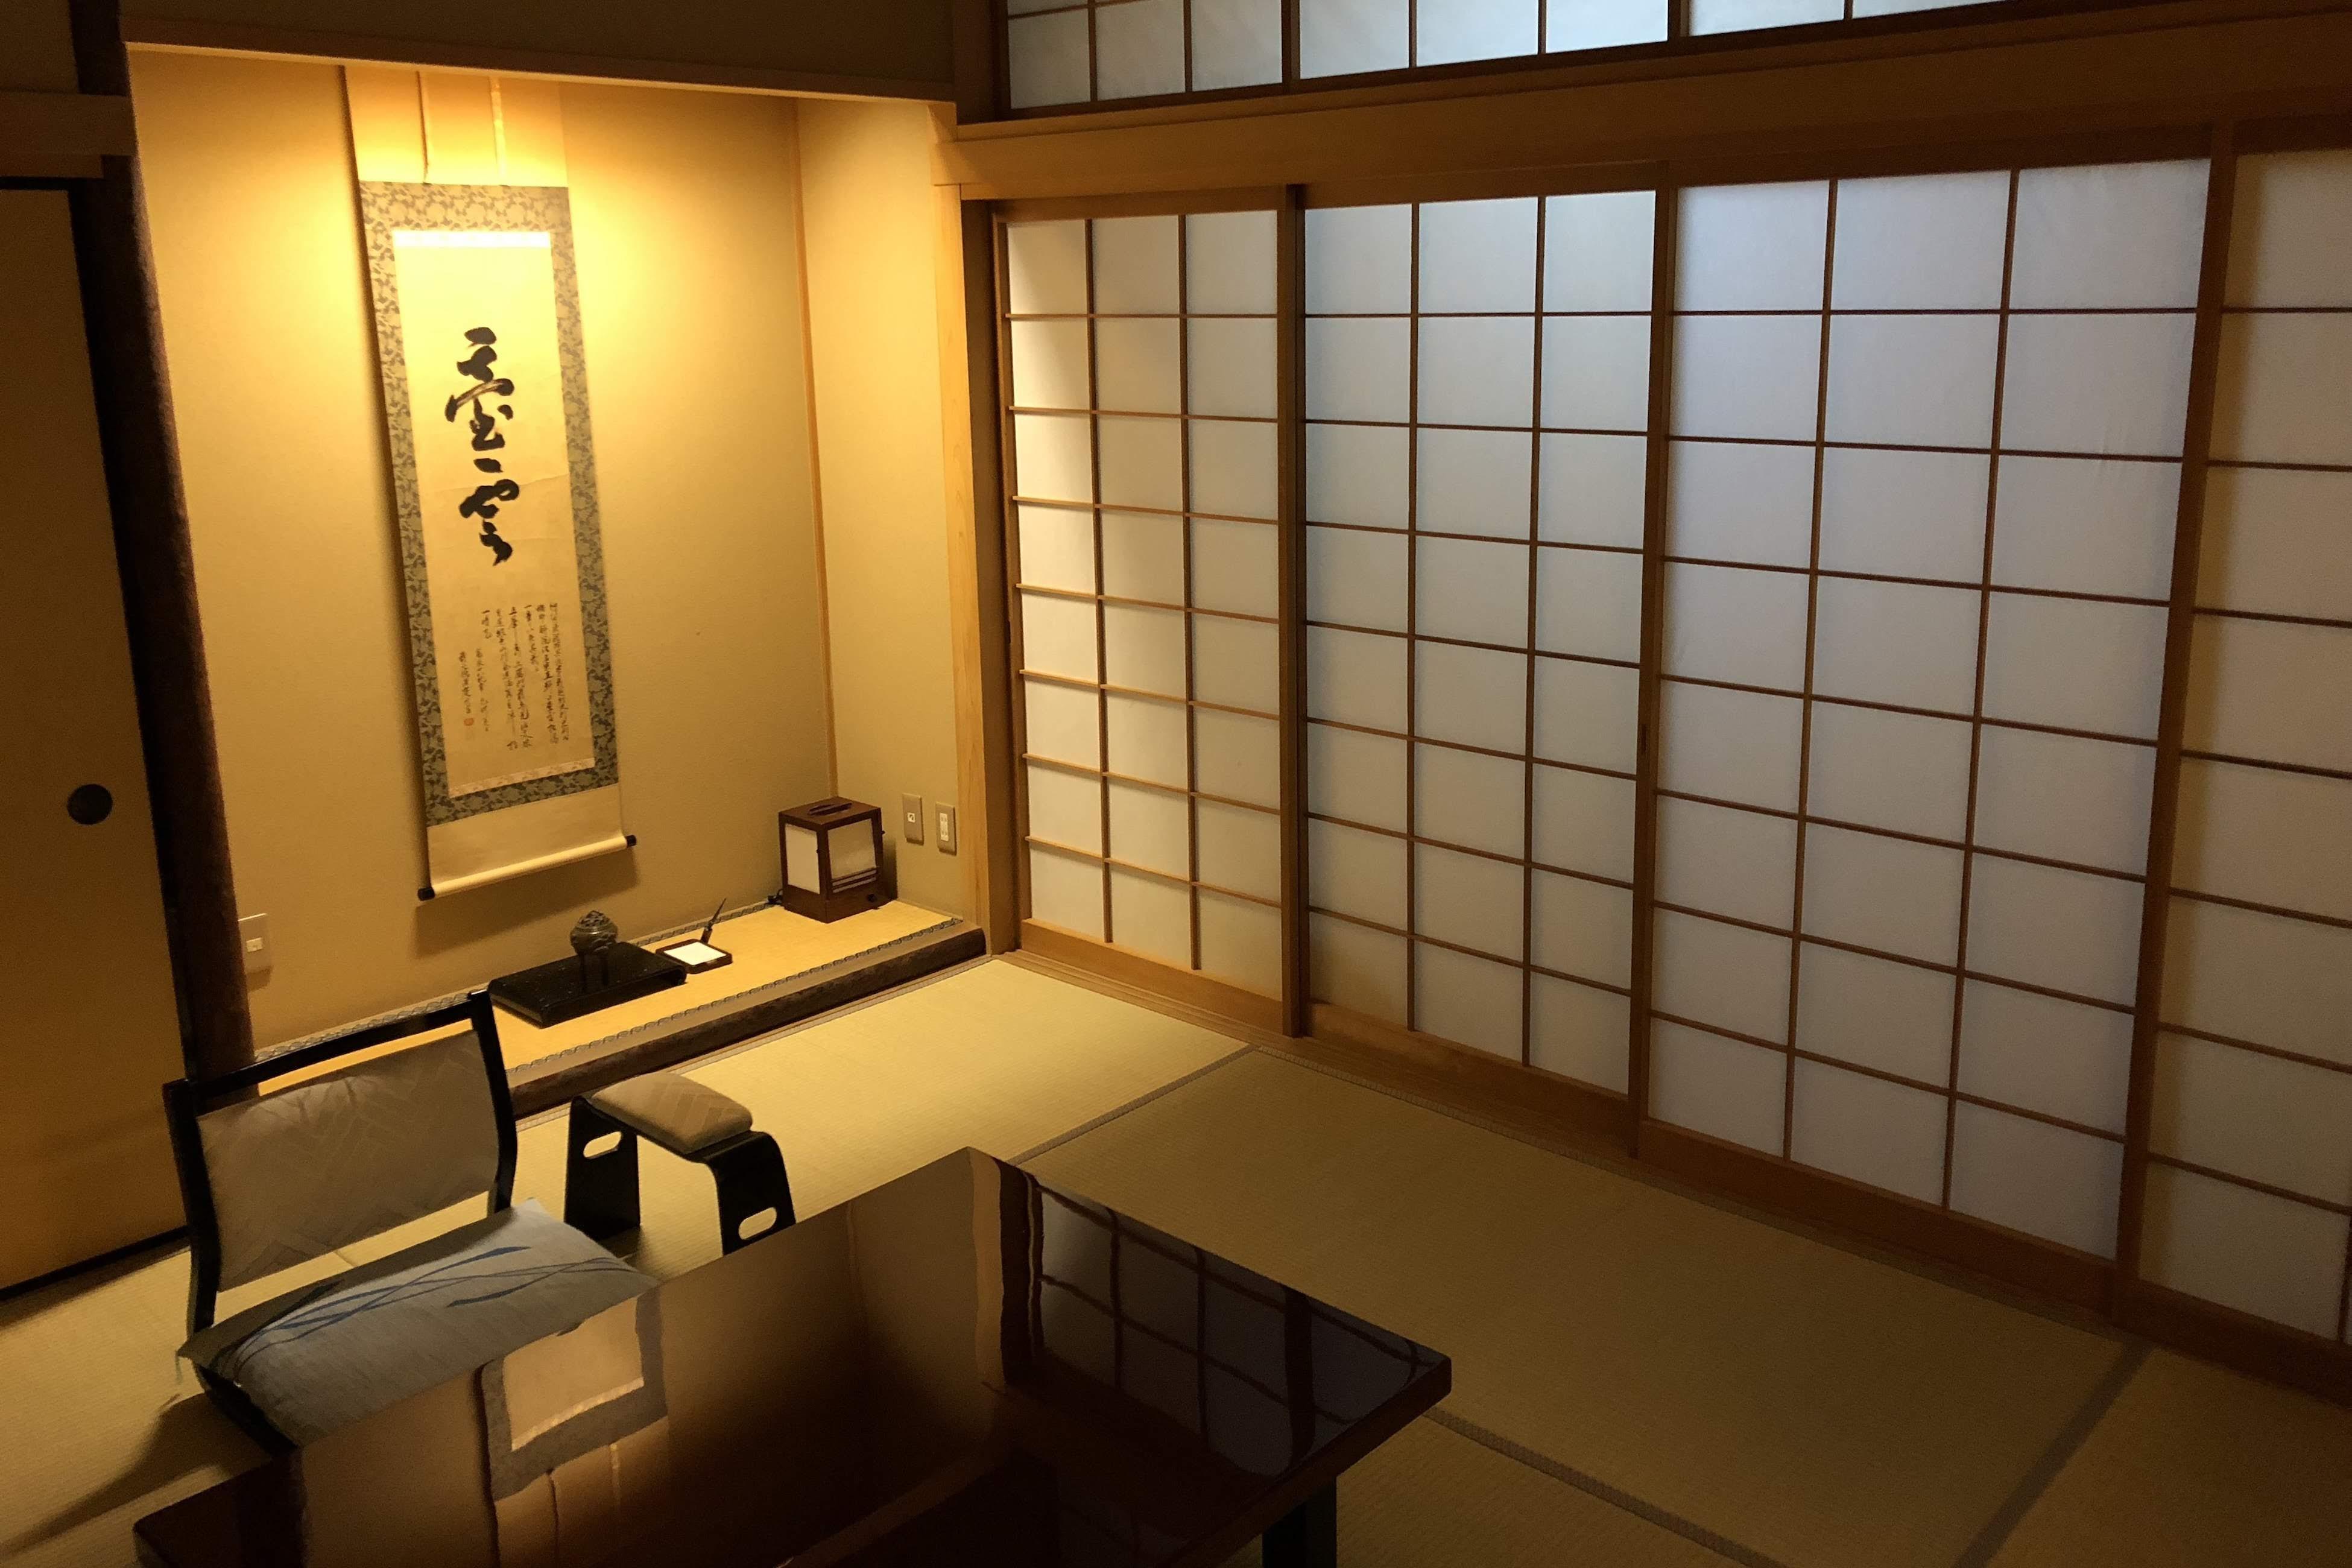 In the room at night with the kakejiku (hanging scroll) corner and shoji doors illuminated.